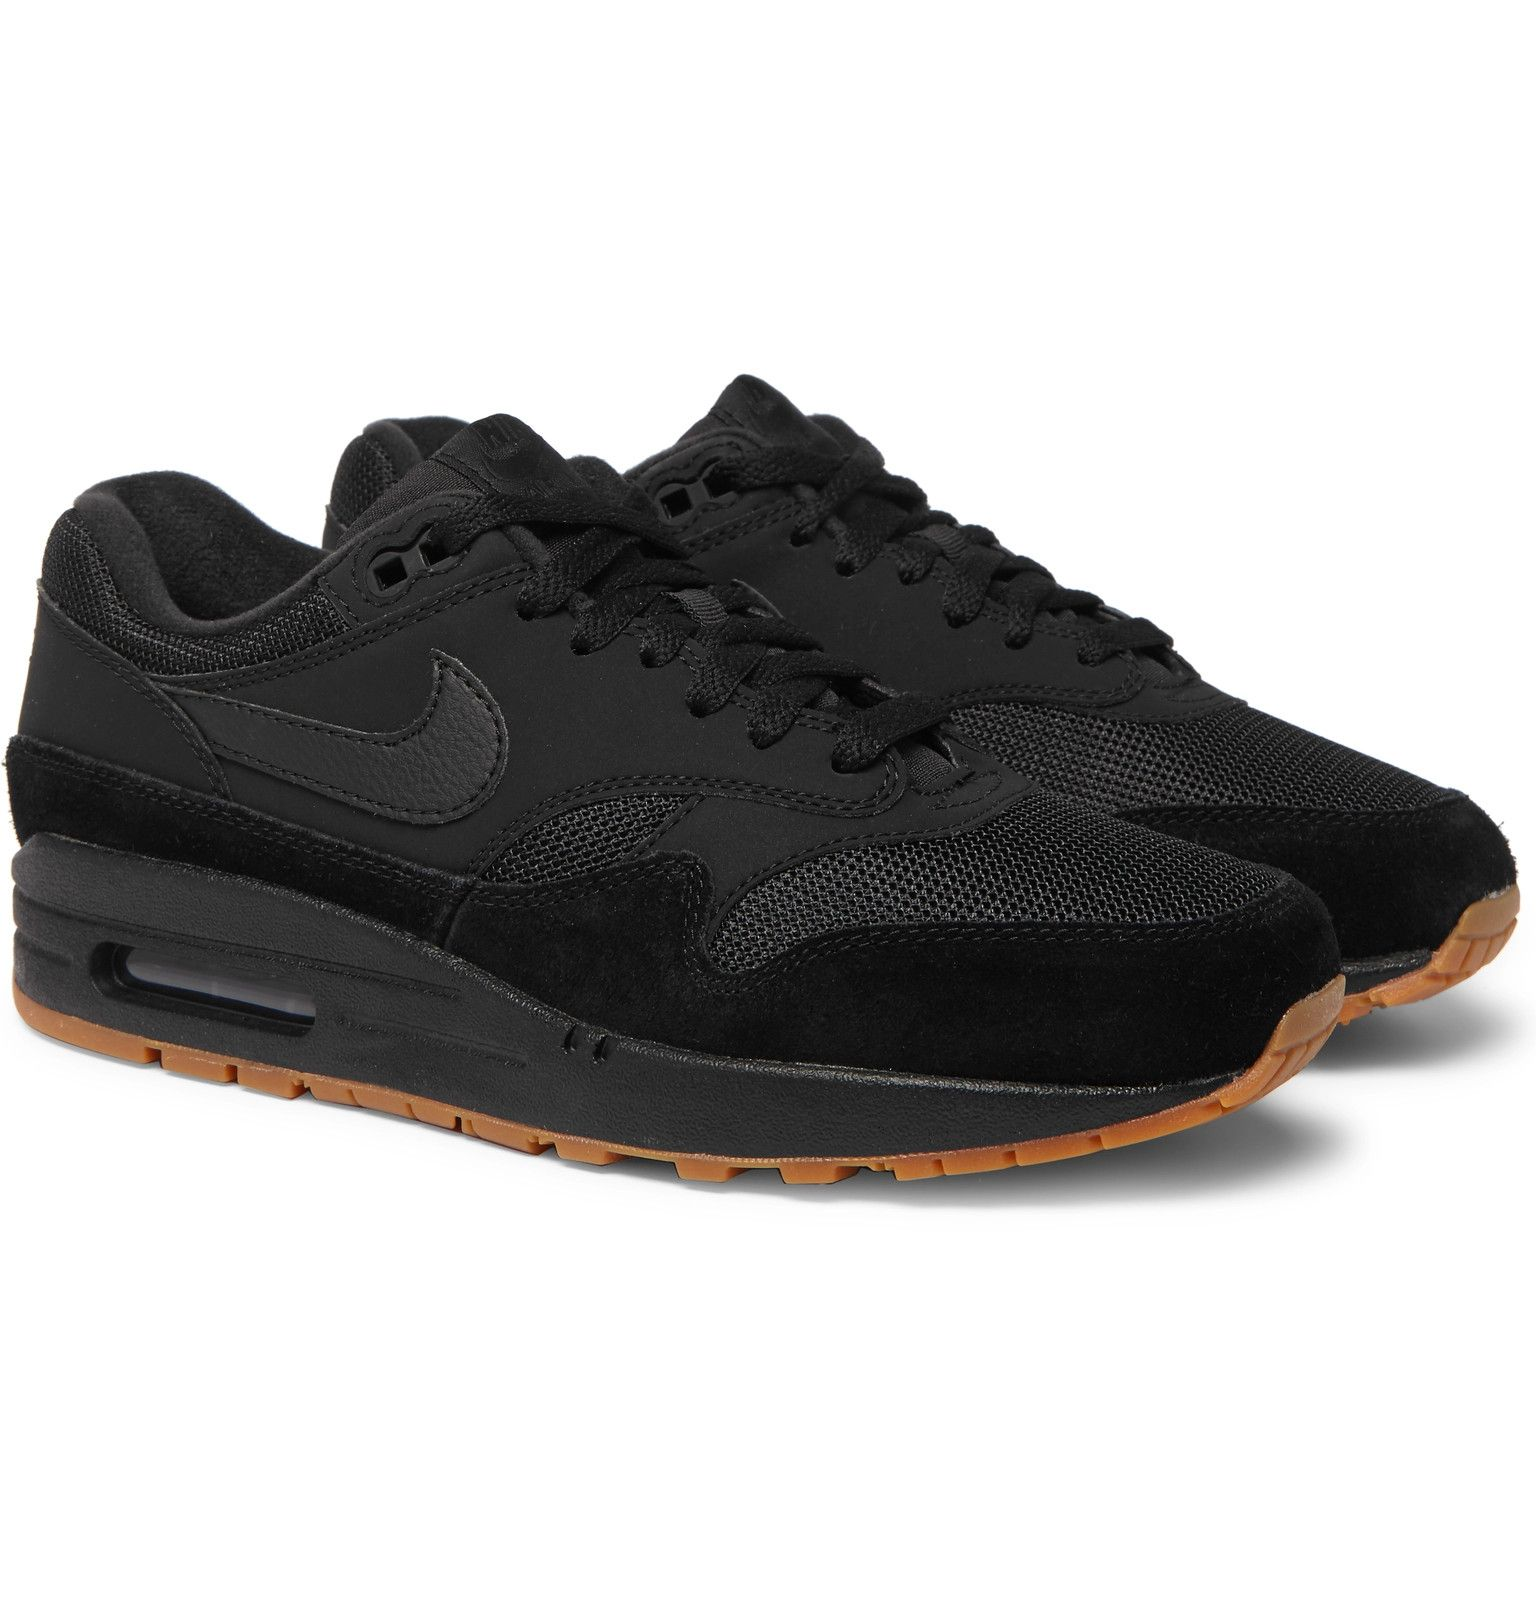 Nike Air Max 1 Premium Suede, Nubuck and Mesh Sneakers